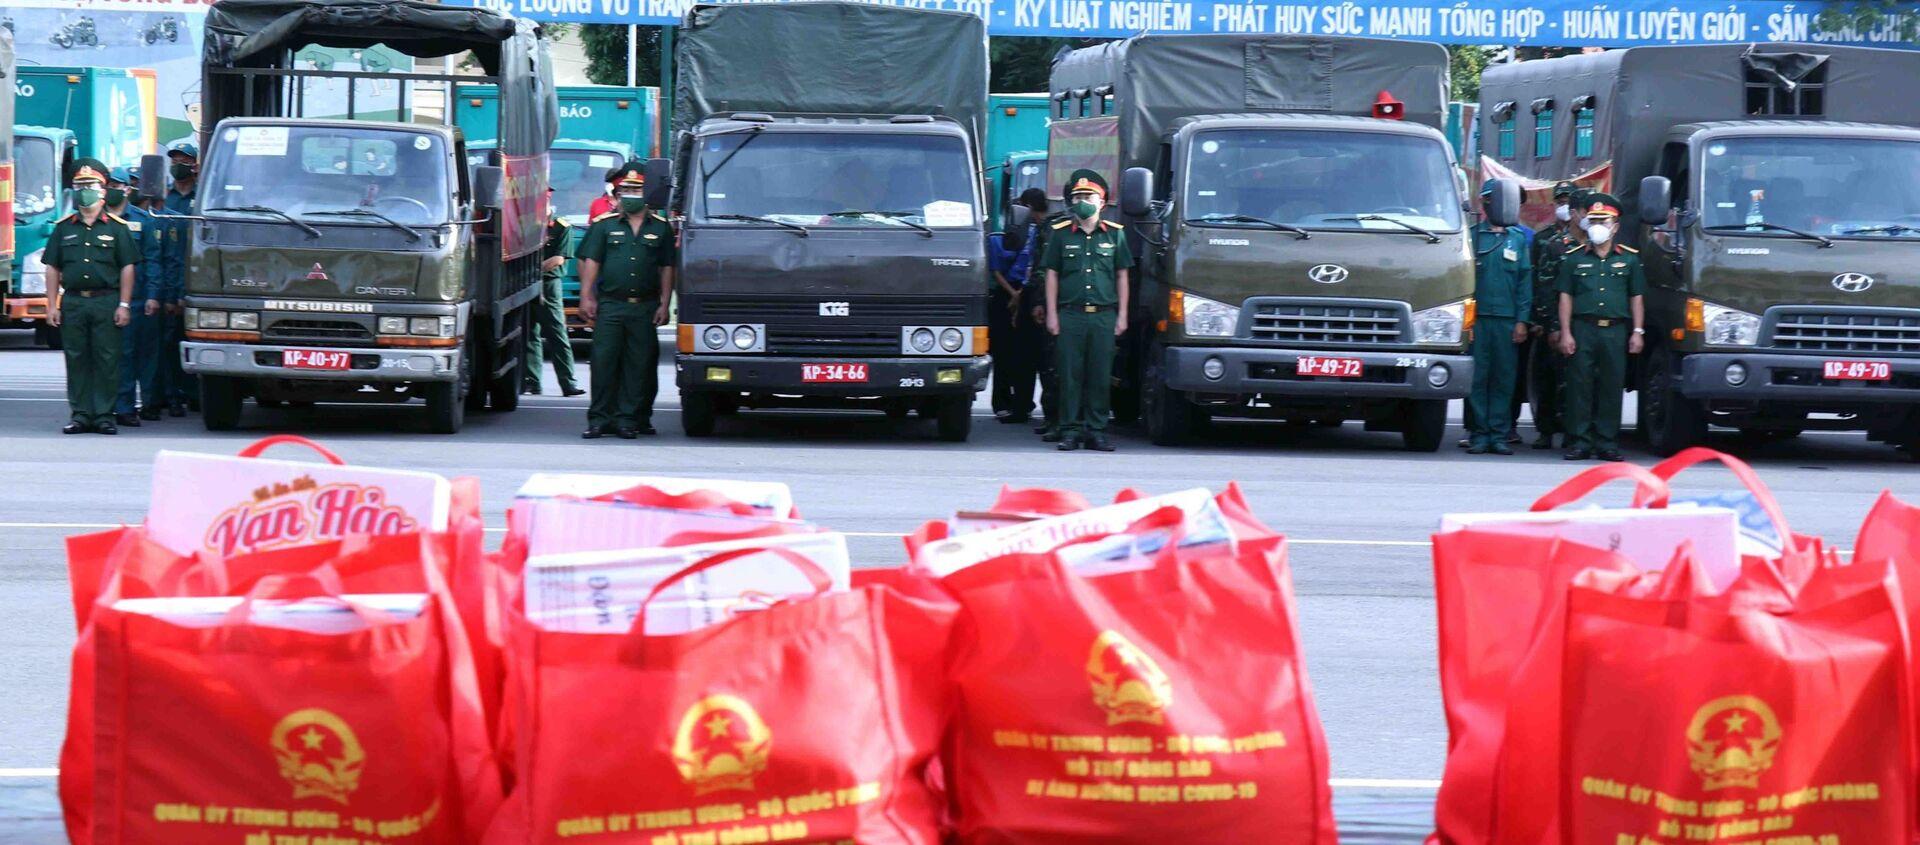 Lực lượng xe vận chuyển đến quà của Bộ Quốc phòng đến thành phố Thủ Đức và các quận, huyện. - Sputnik Việt Nam, 1920, 15.09.2021